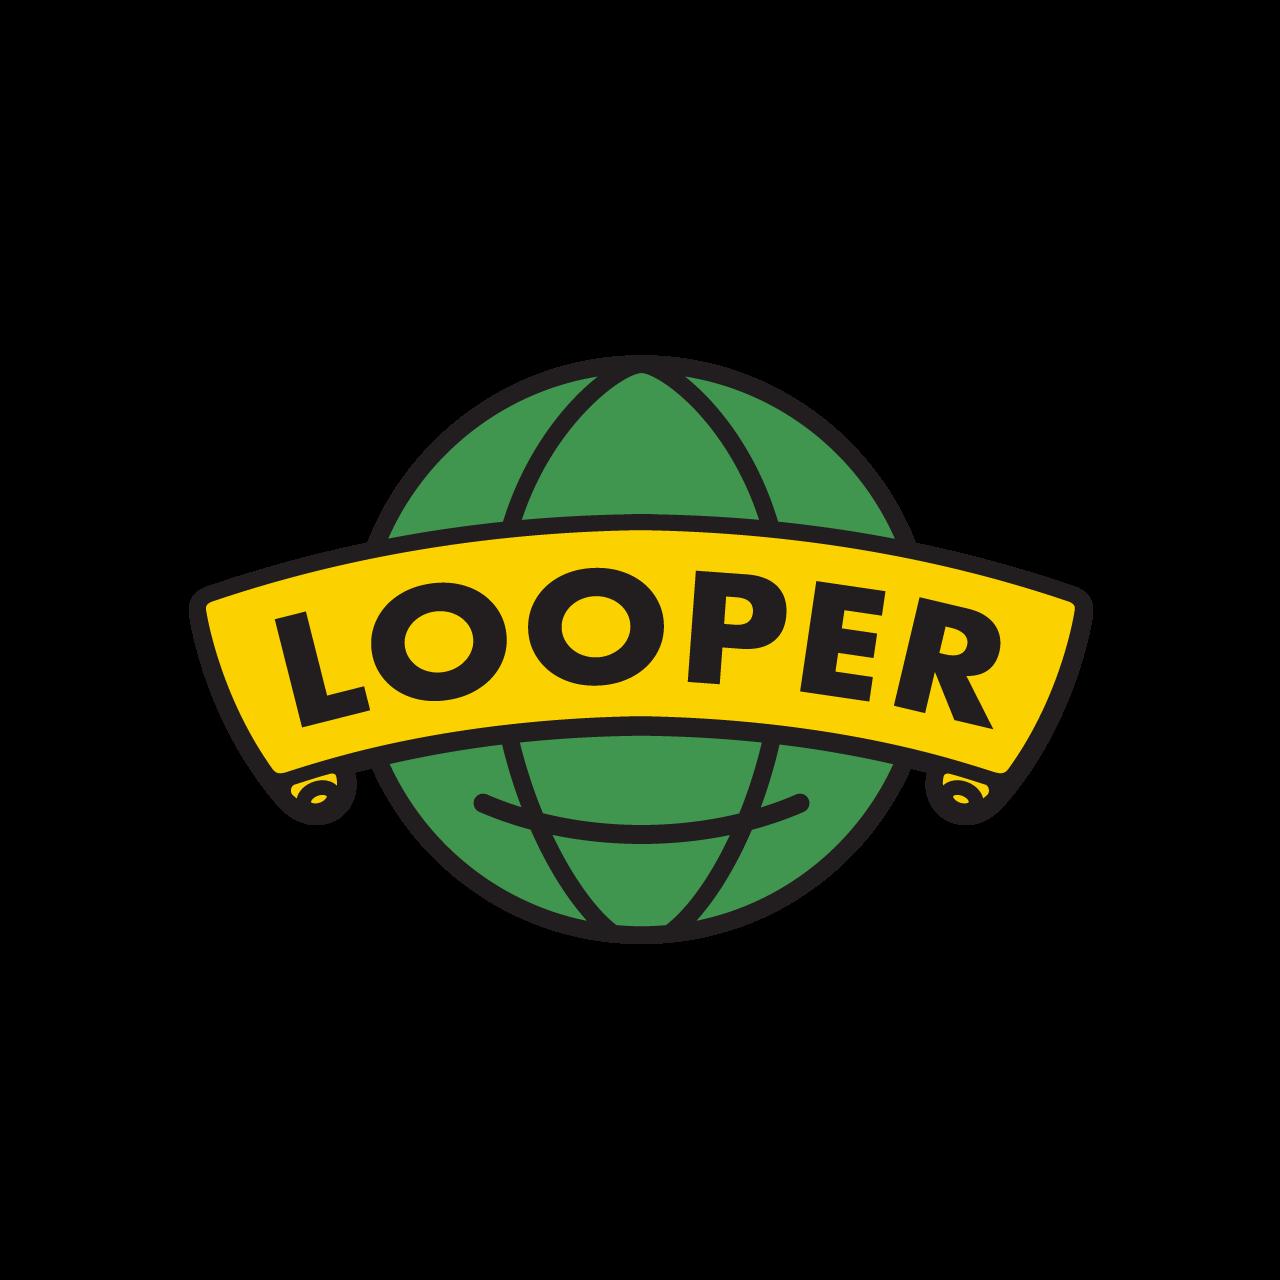 LOOPER JAPAN